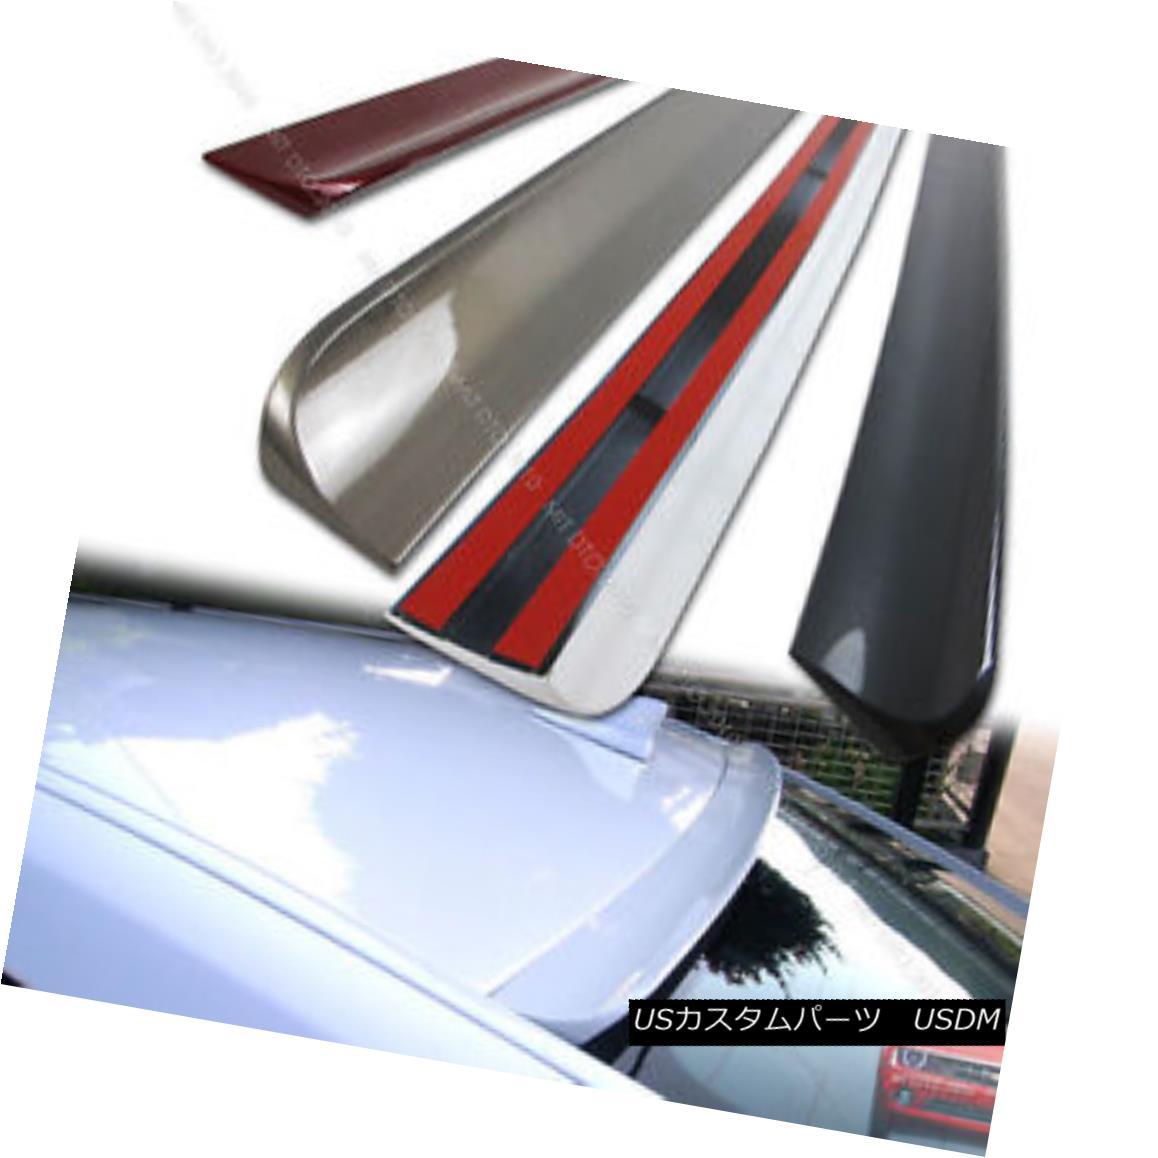 エアロパーツ Painted Window Roof Lip Spoiler Wing for NS 09-15 370Z Z34 PUF 2DR COUPE #G41 § NS 9-15 370Z Z34 PUF 2DR COUPE#G41 Pain用塗装窓ルーフリップスポイラーウイング